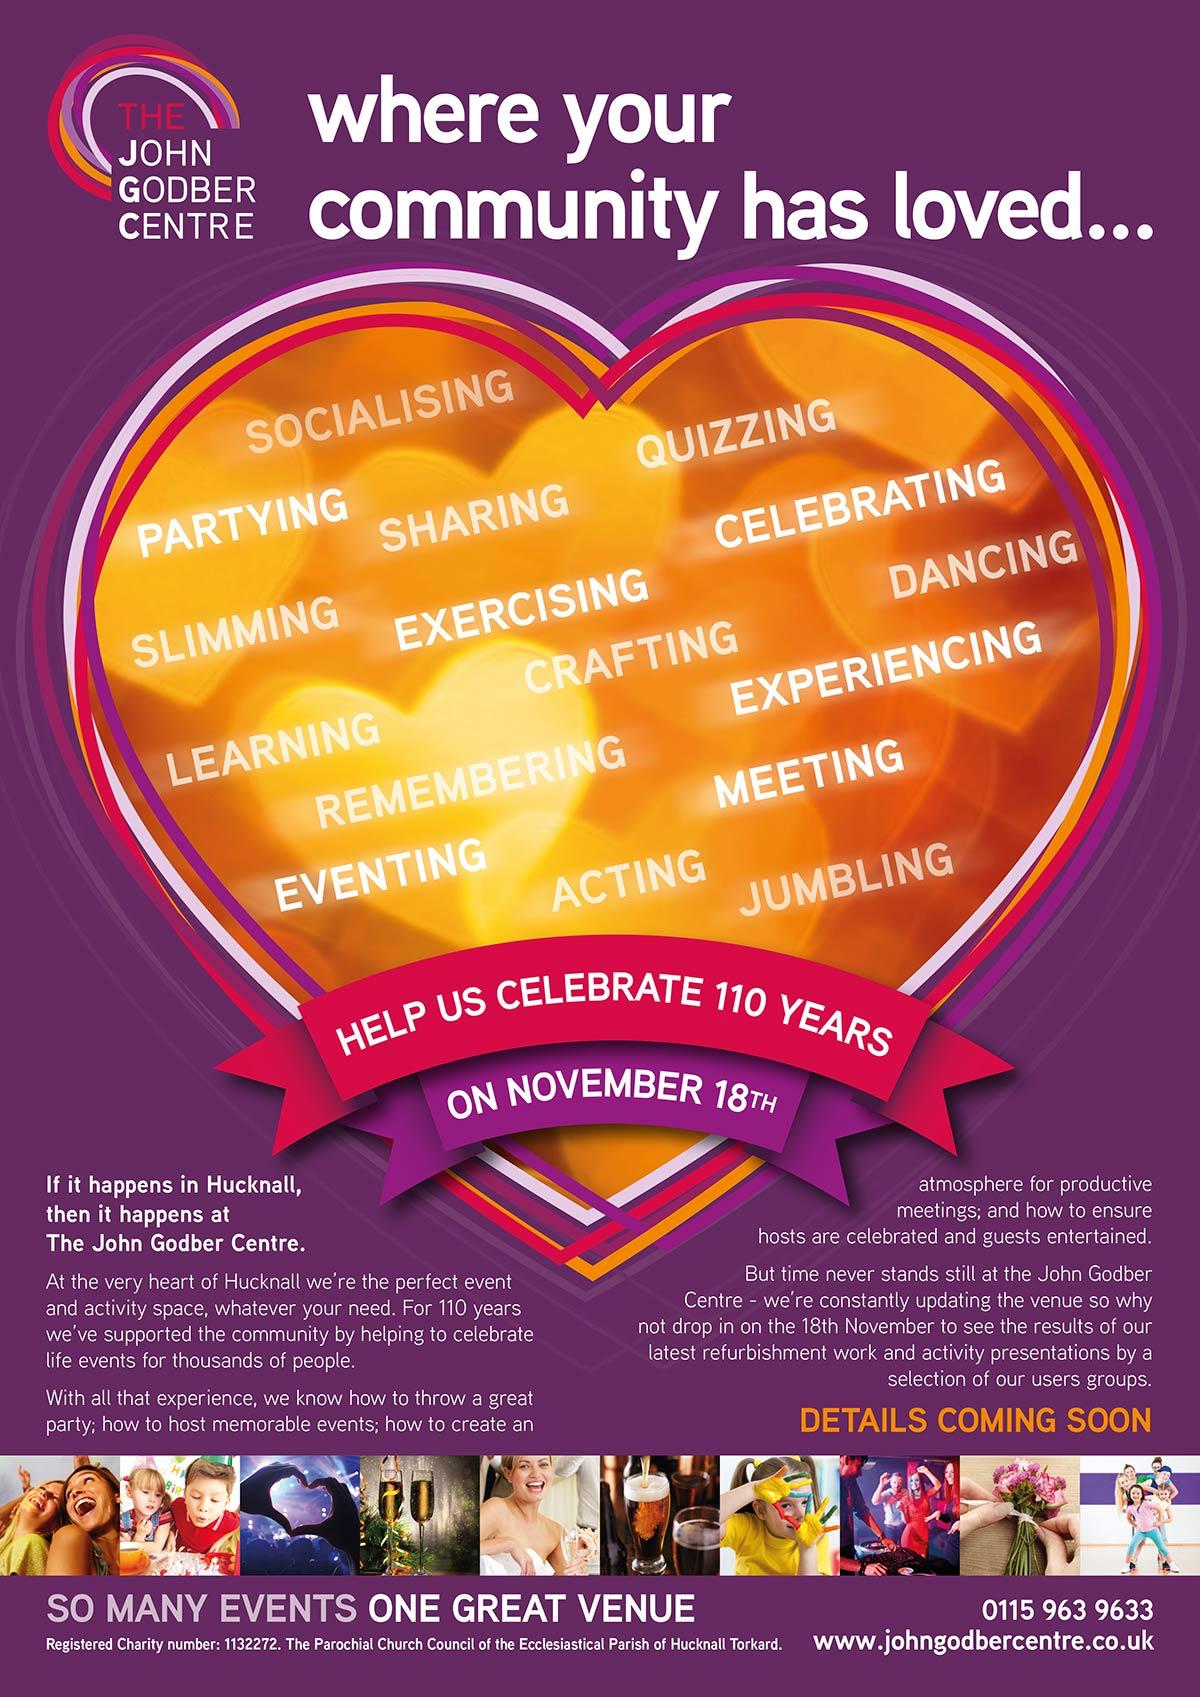 Poster for 110th Anniversary celebrations at the John Godber Centre, Ogle Street, Hucknall